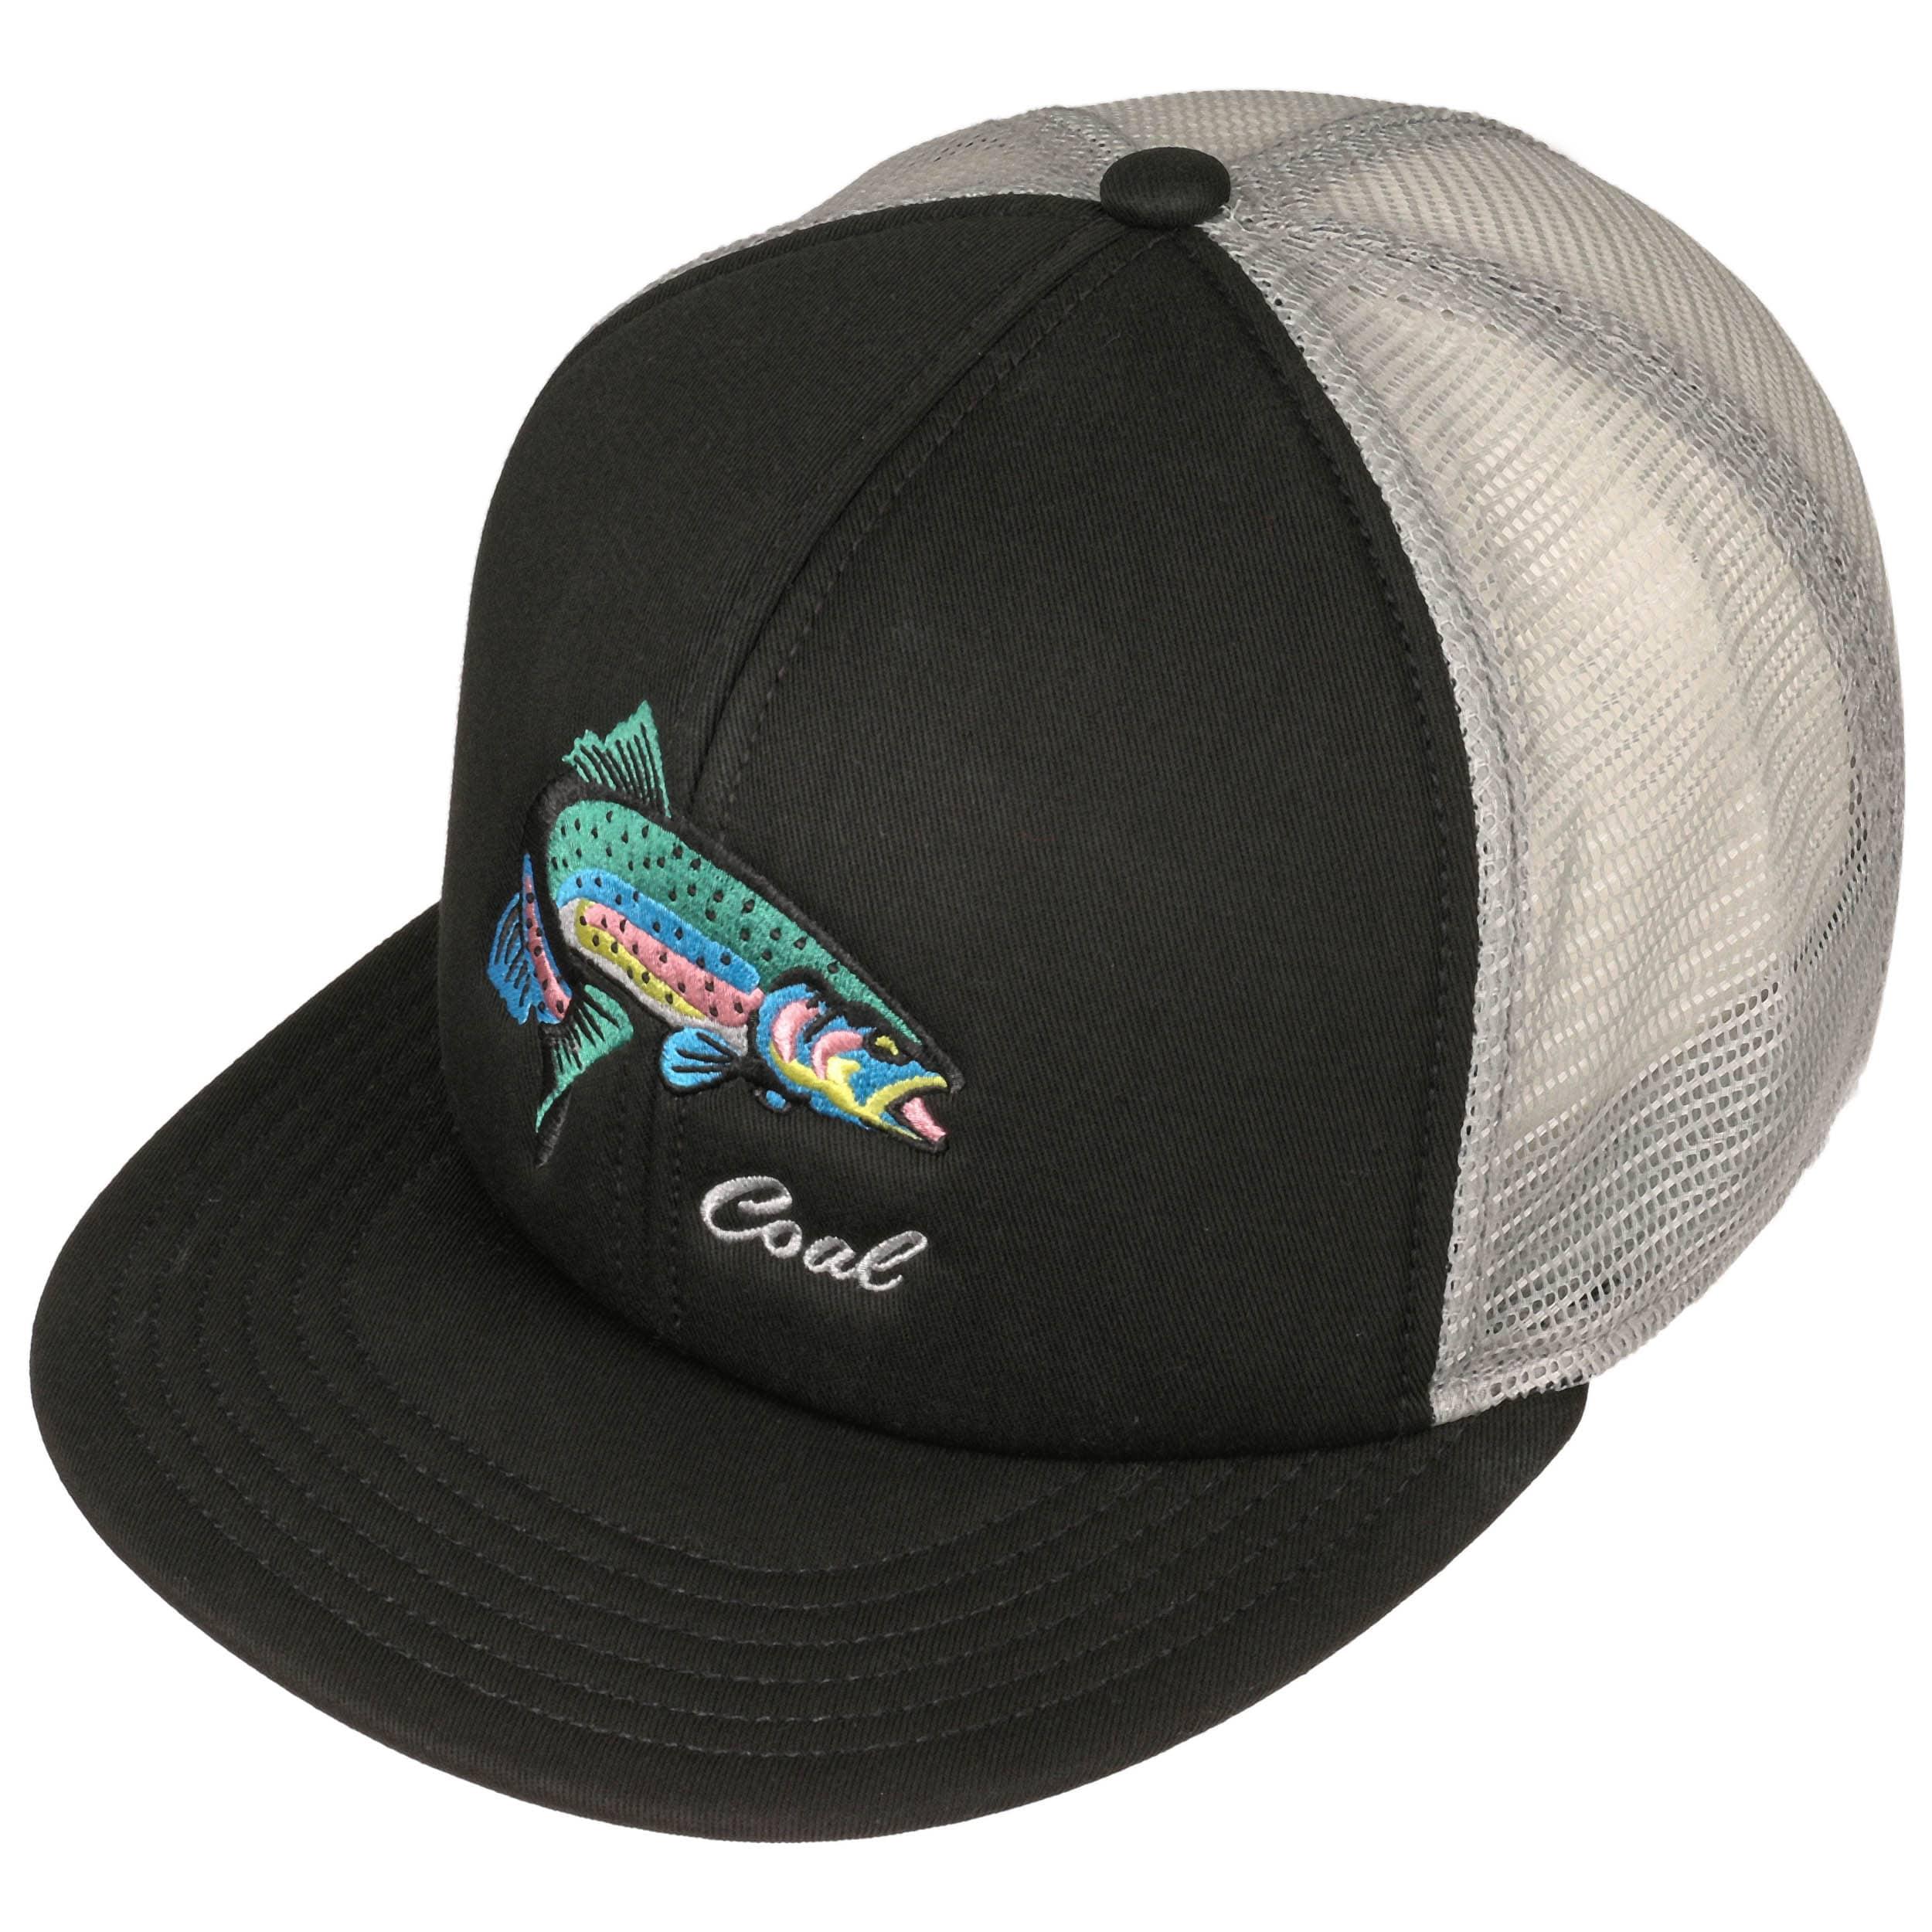 Coal Fish Hat - Hat HD Image Ukjugs.Org 0b6c7f287a6